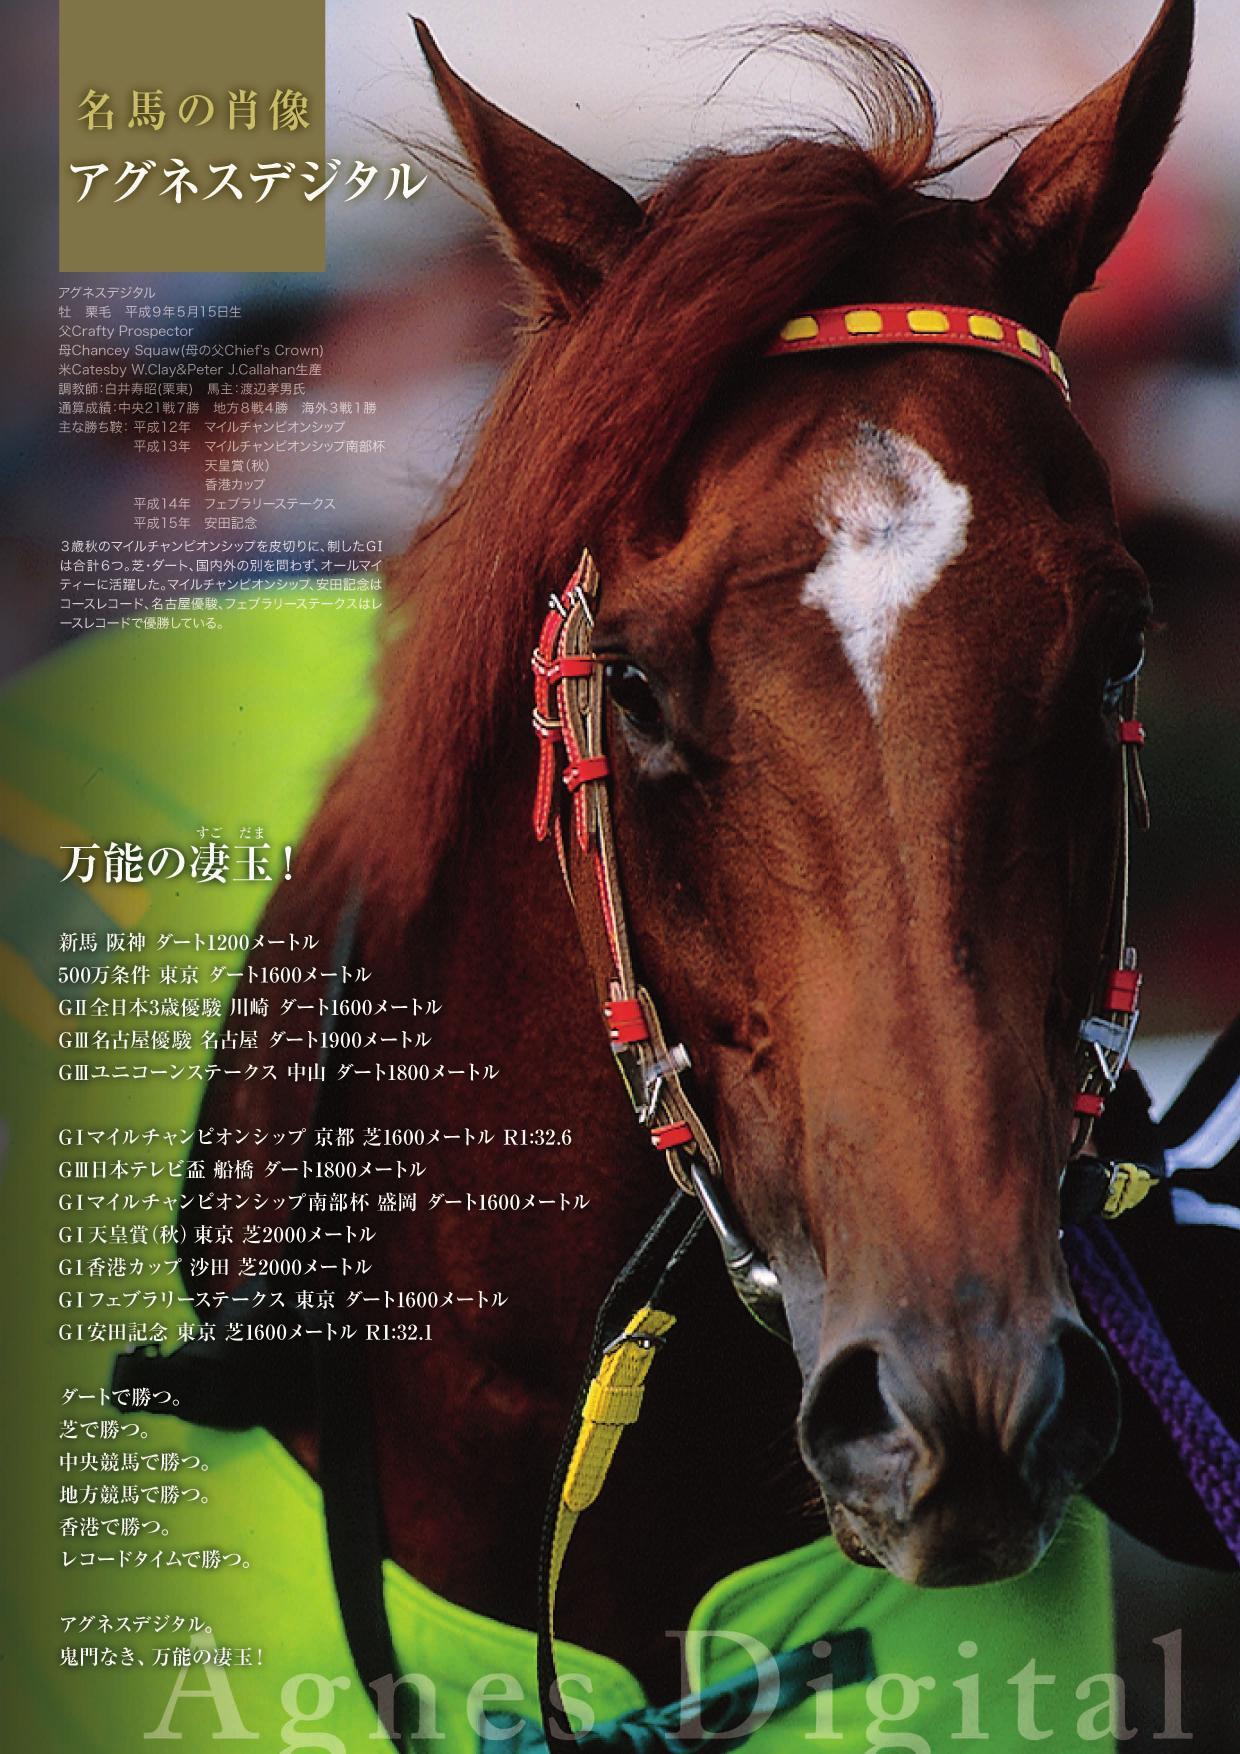 レープロ「名馬の肖像」──安田記念はアグネスデジタル──「万能の凄 ...